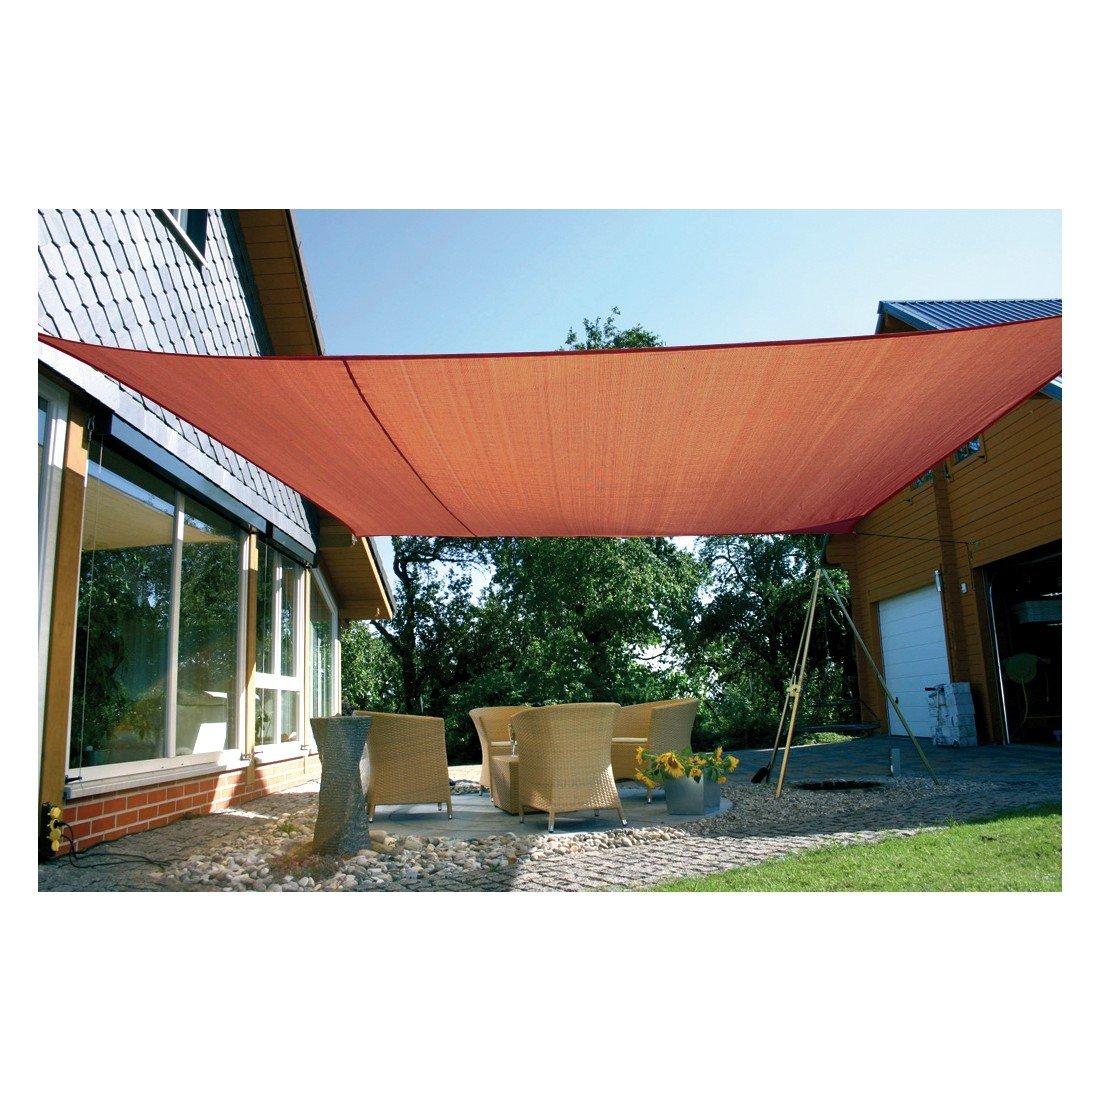 Eduplay Sonnenschutz Sonnensegel, 6x4m, Rechteck, rost günstig online kaufen